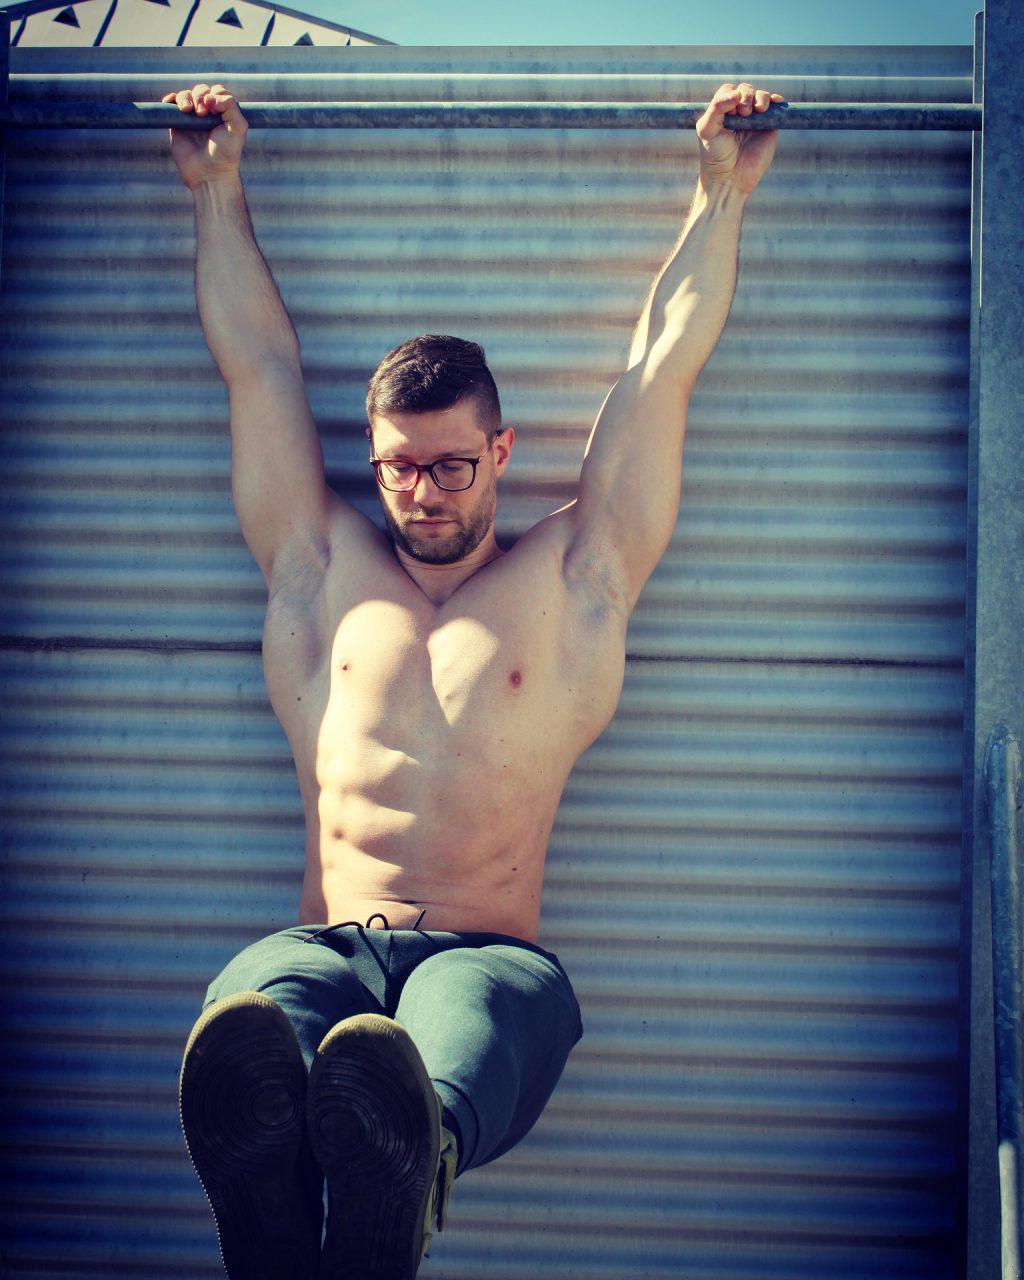 cwiczenia w siłowni zewnetrznej